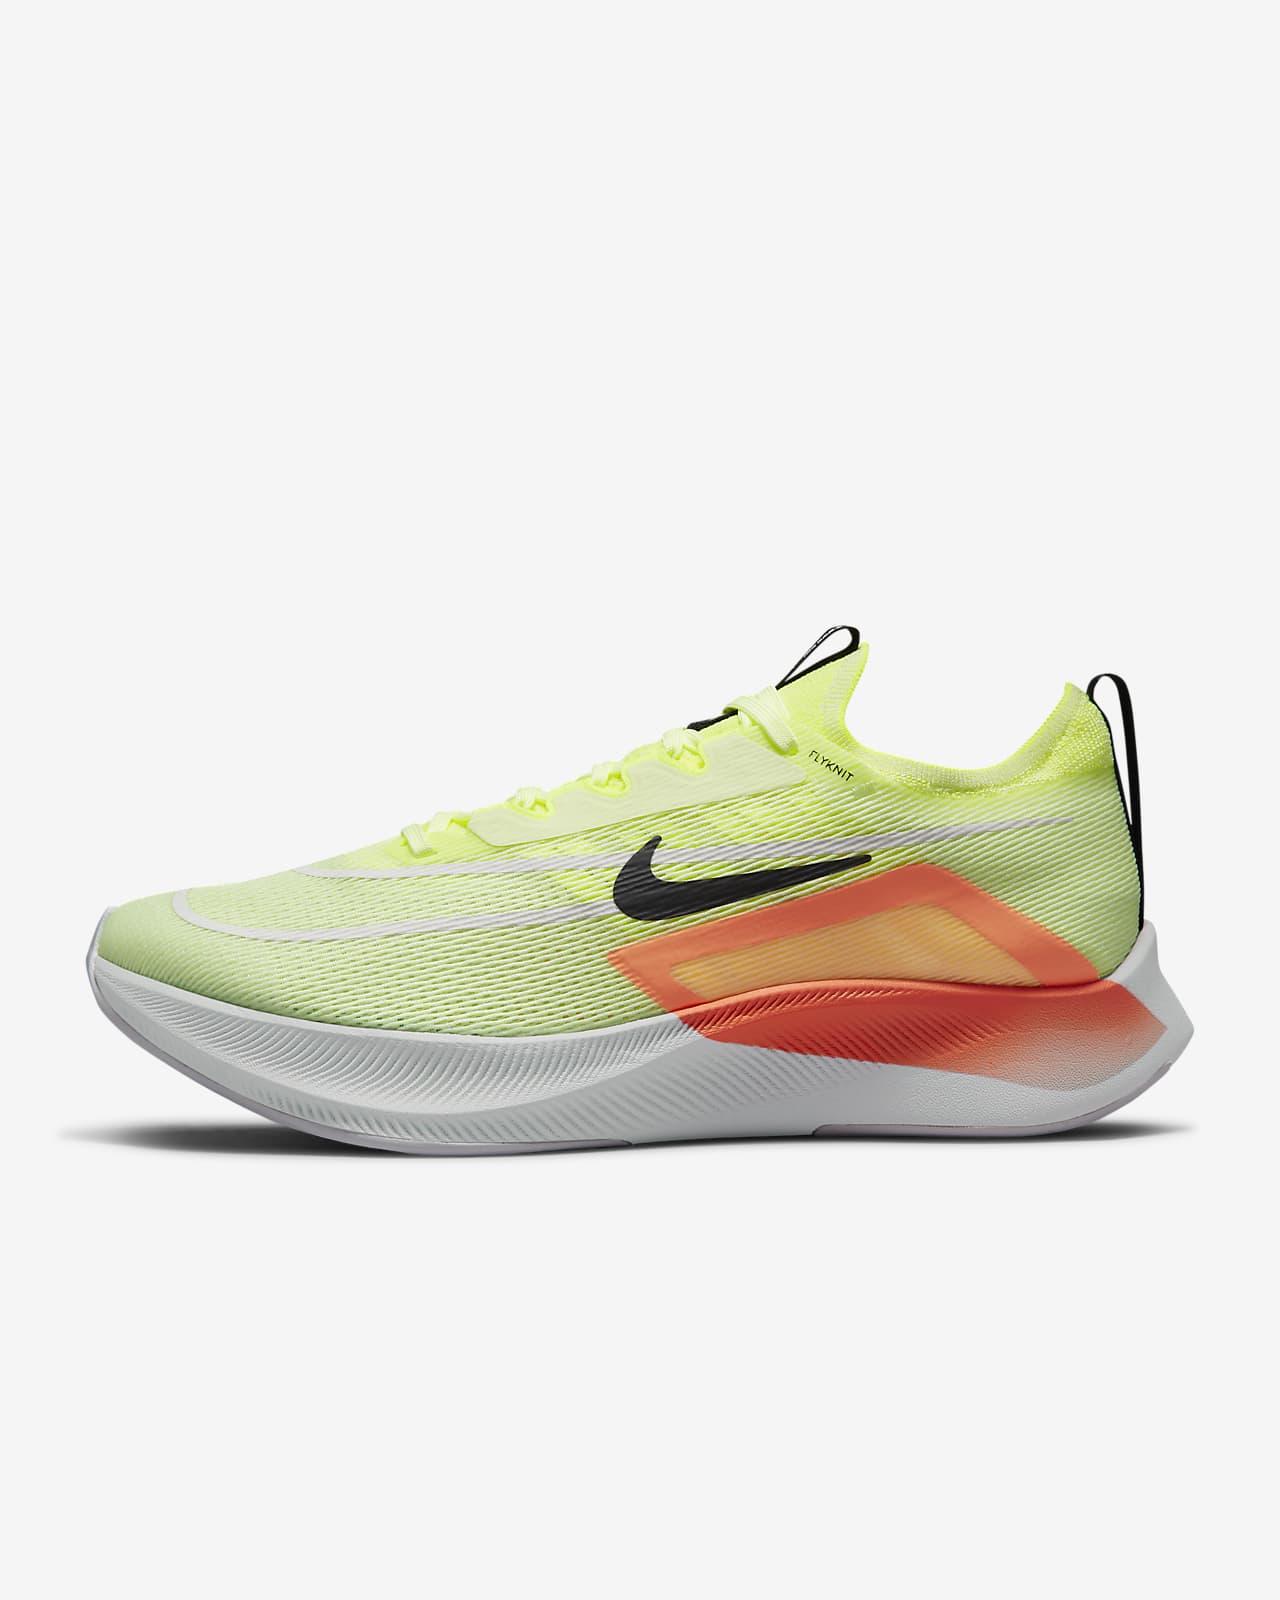 Nike Zoom Fly 4 Erkek Yol Koşu Ayakkabısı